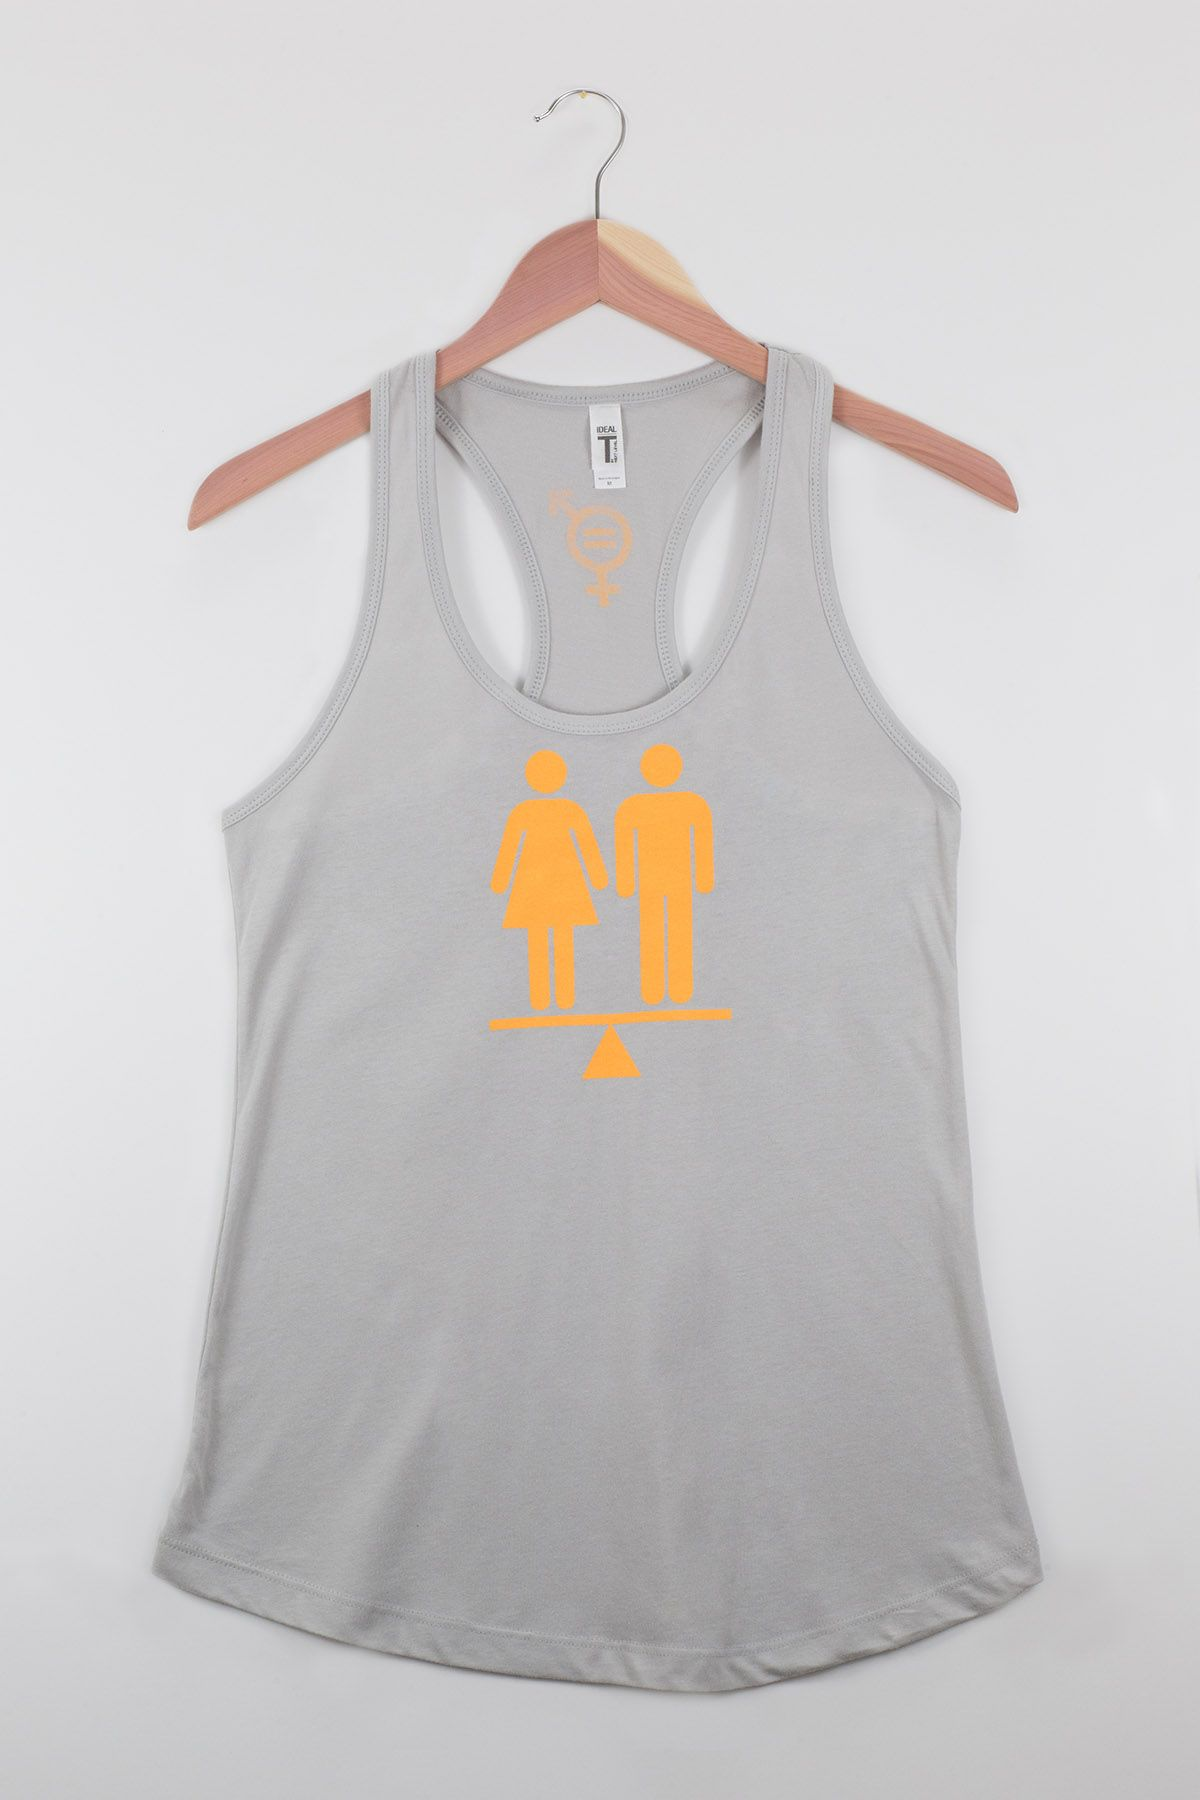 80e2c89aa6579 Equality Tank Silver Orange Equality Shirt